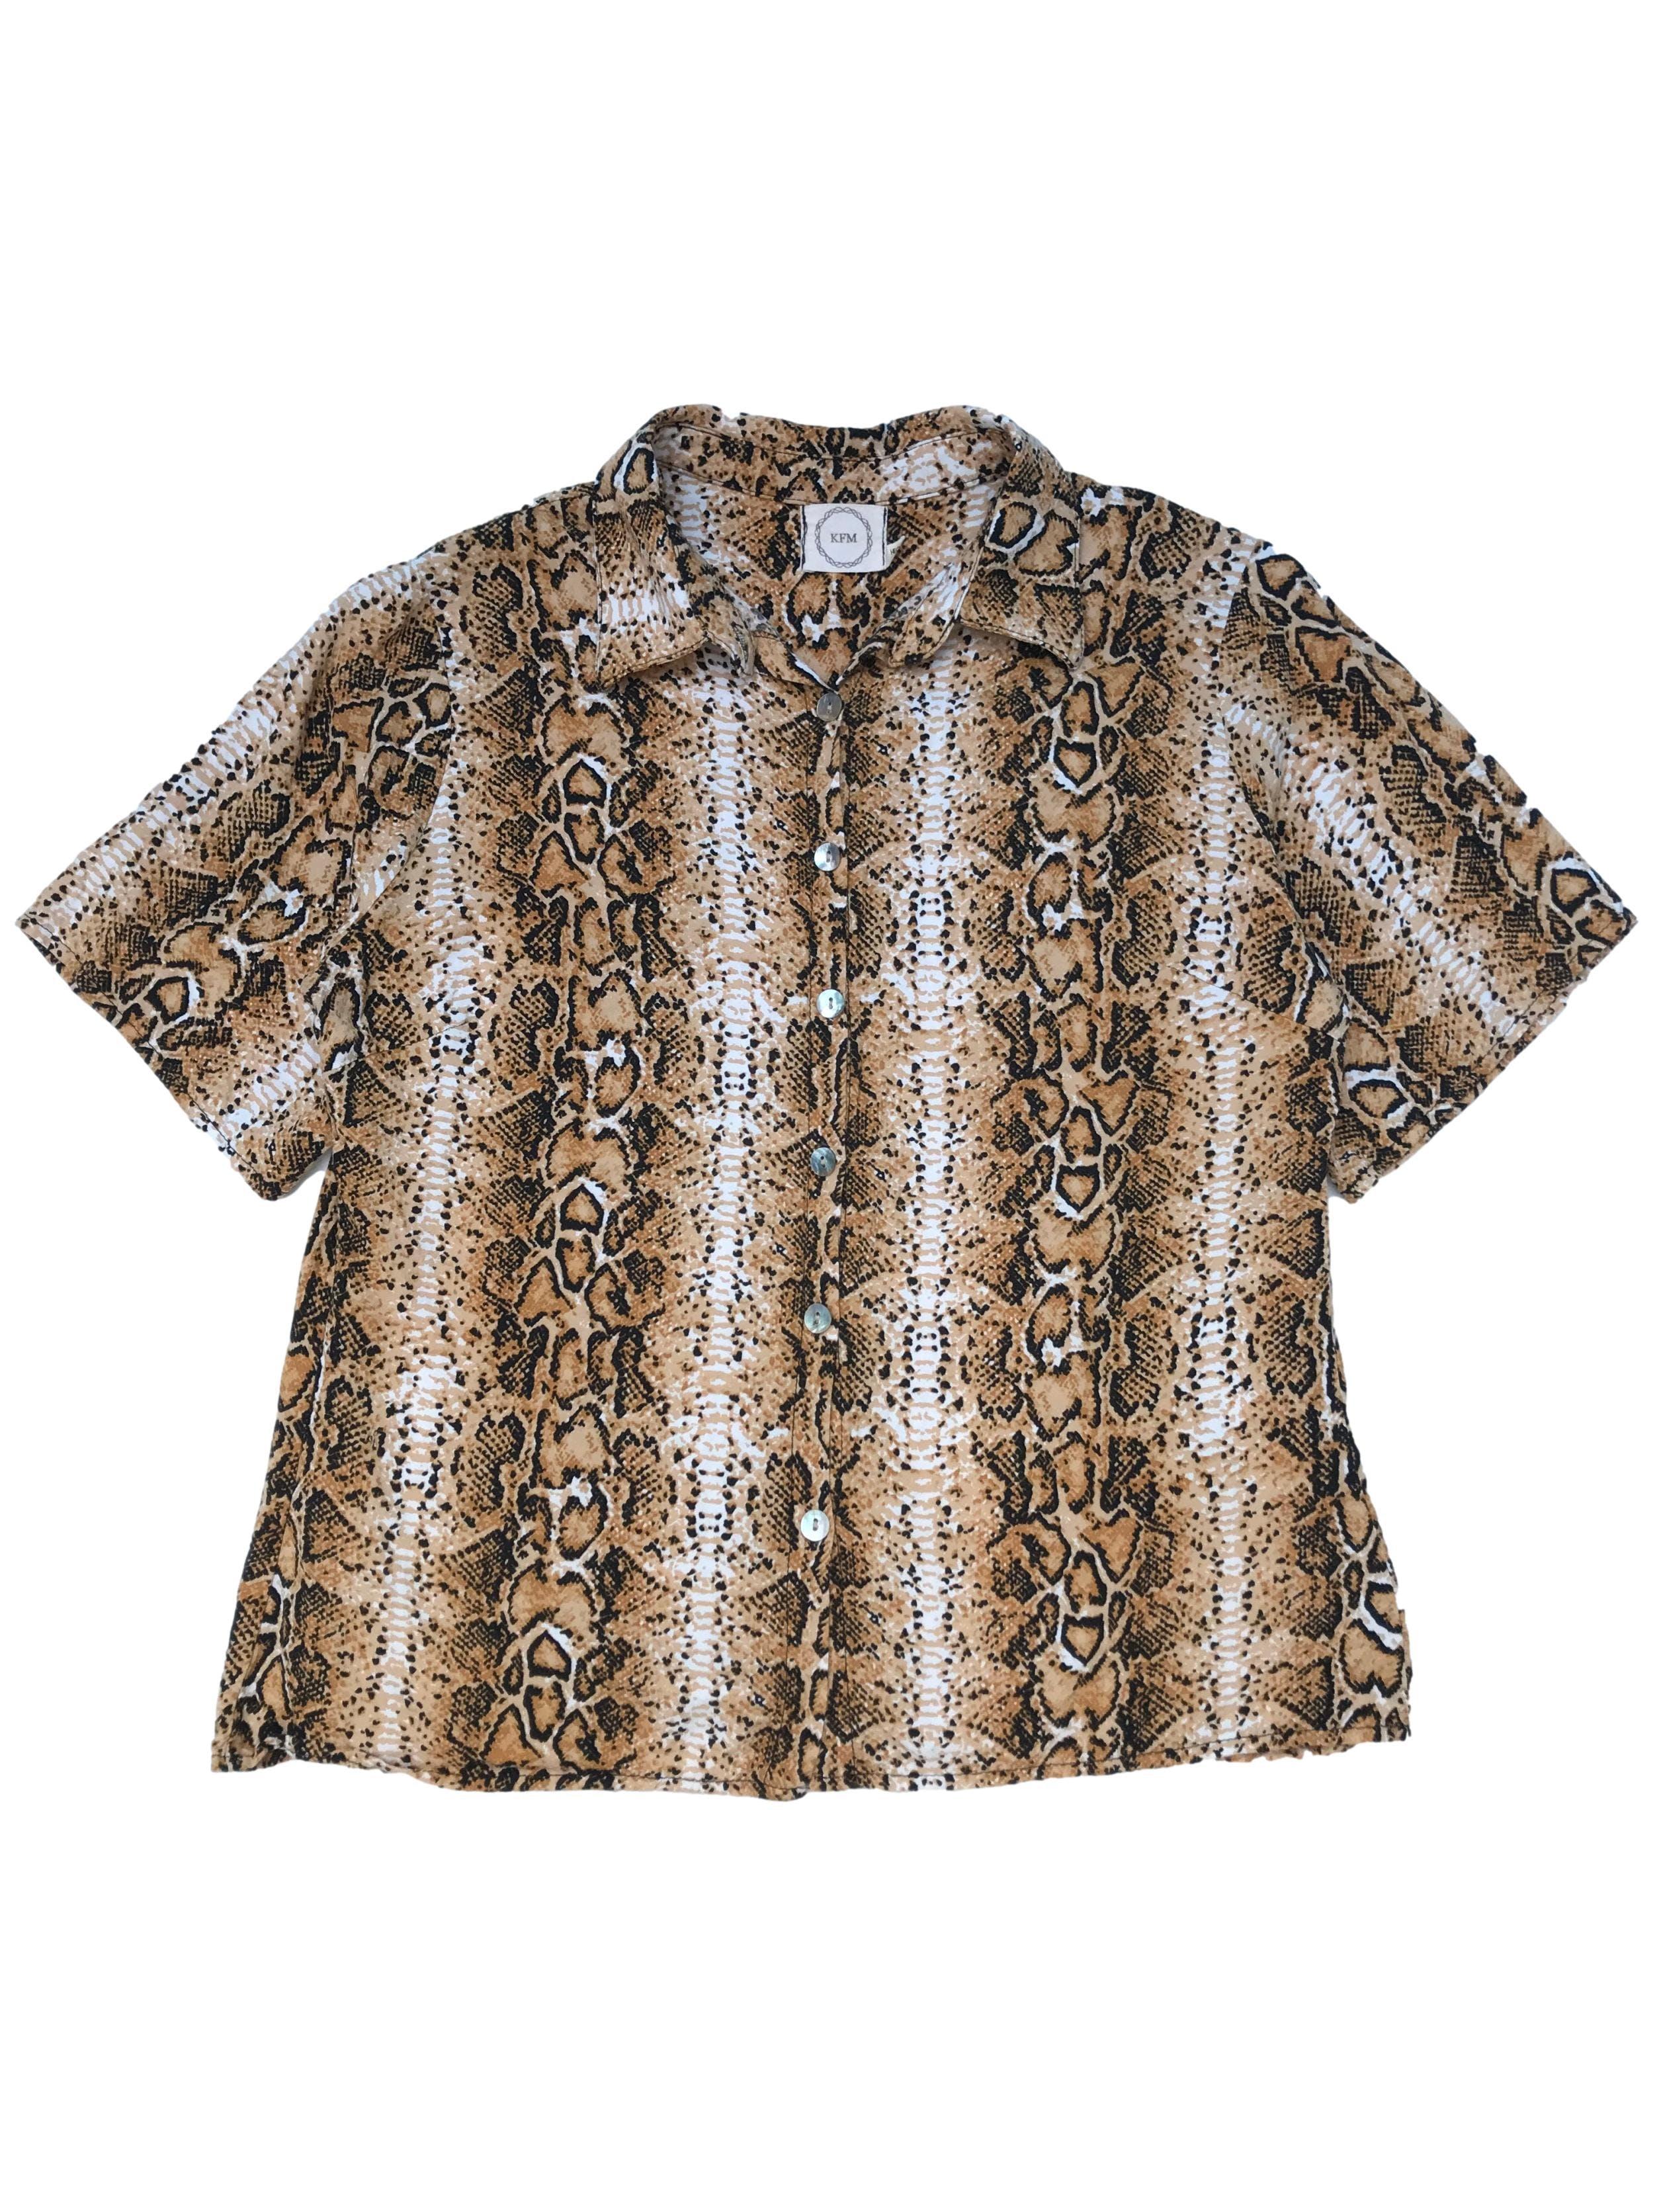 Blusa de rayón con estampado animal print y botones nacarados al centro. Busto 102cm Largo 52cm